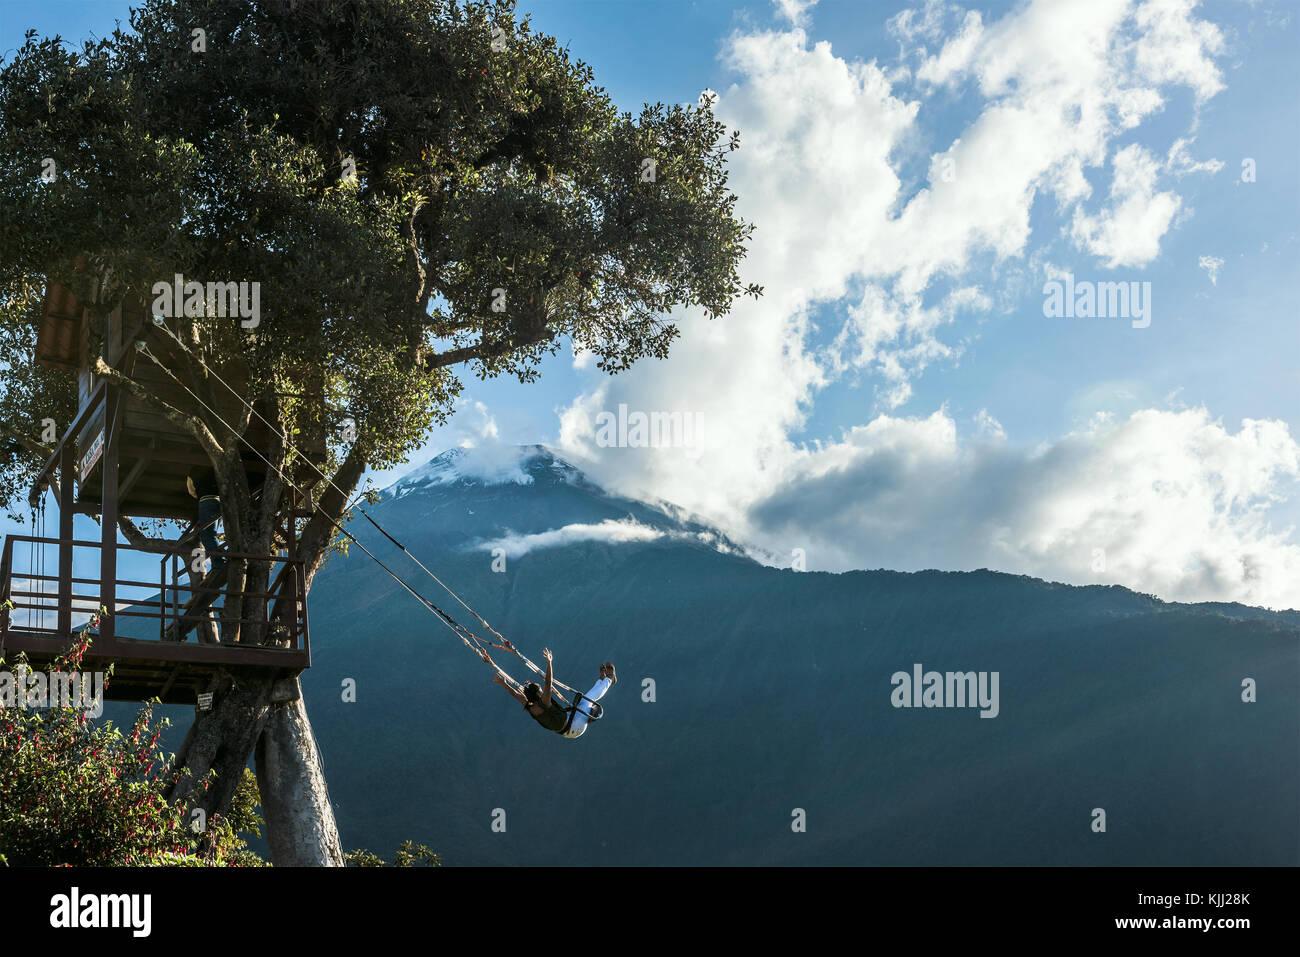 Banos, Ecuador - 22. November 2017: Die Schaukel am Ende der Welt im Casa Del Arbol entfernt, das Tree House in Stockfoto